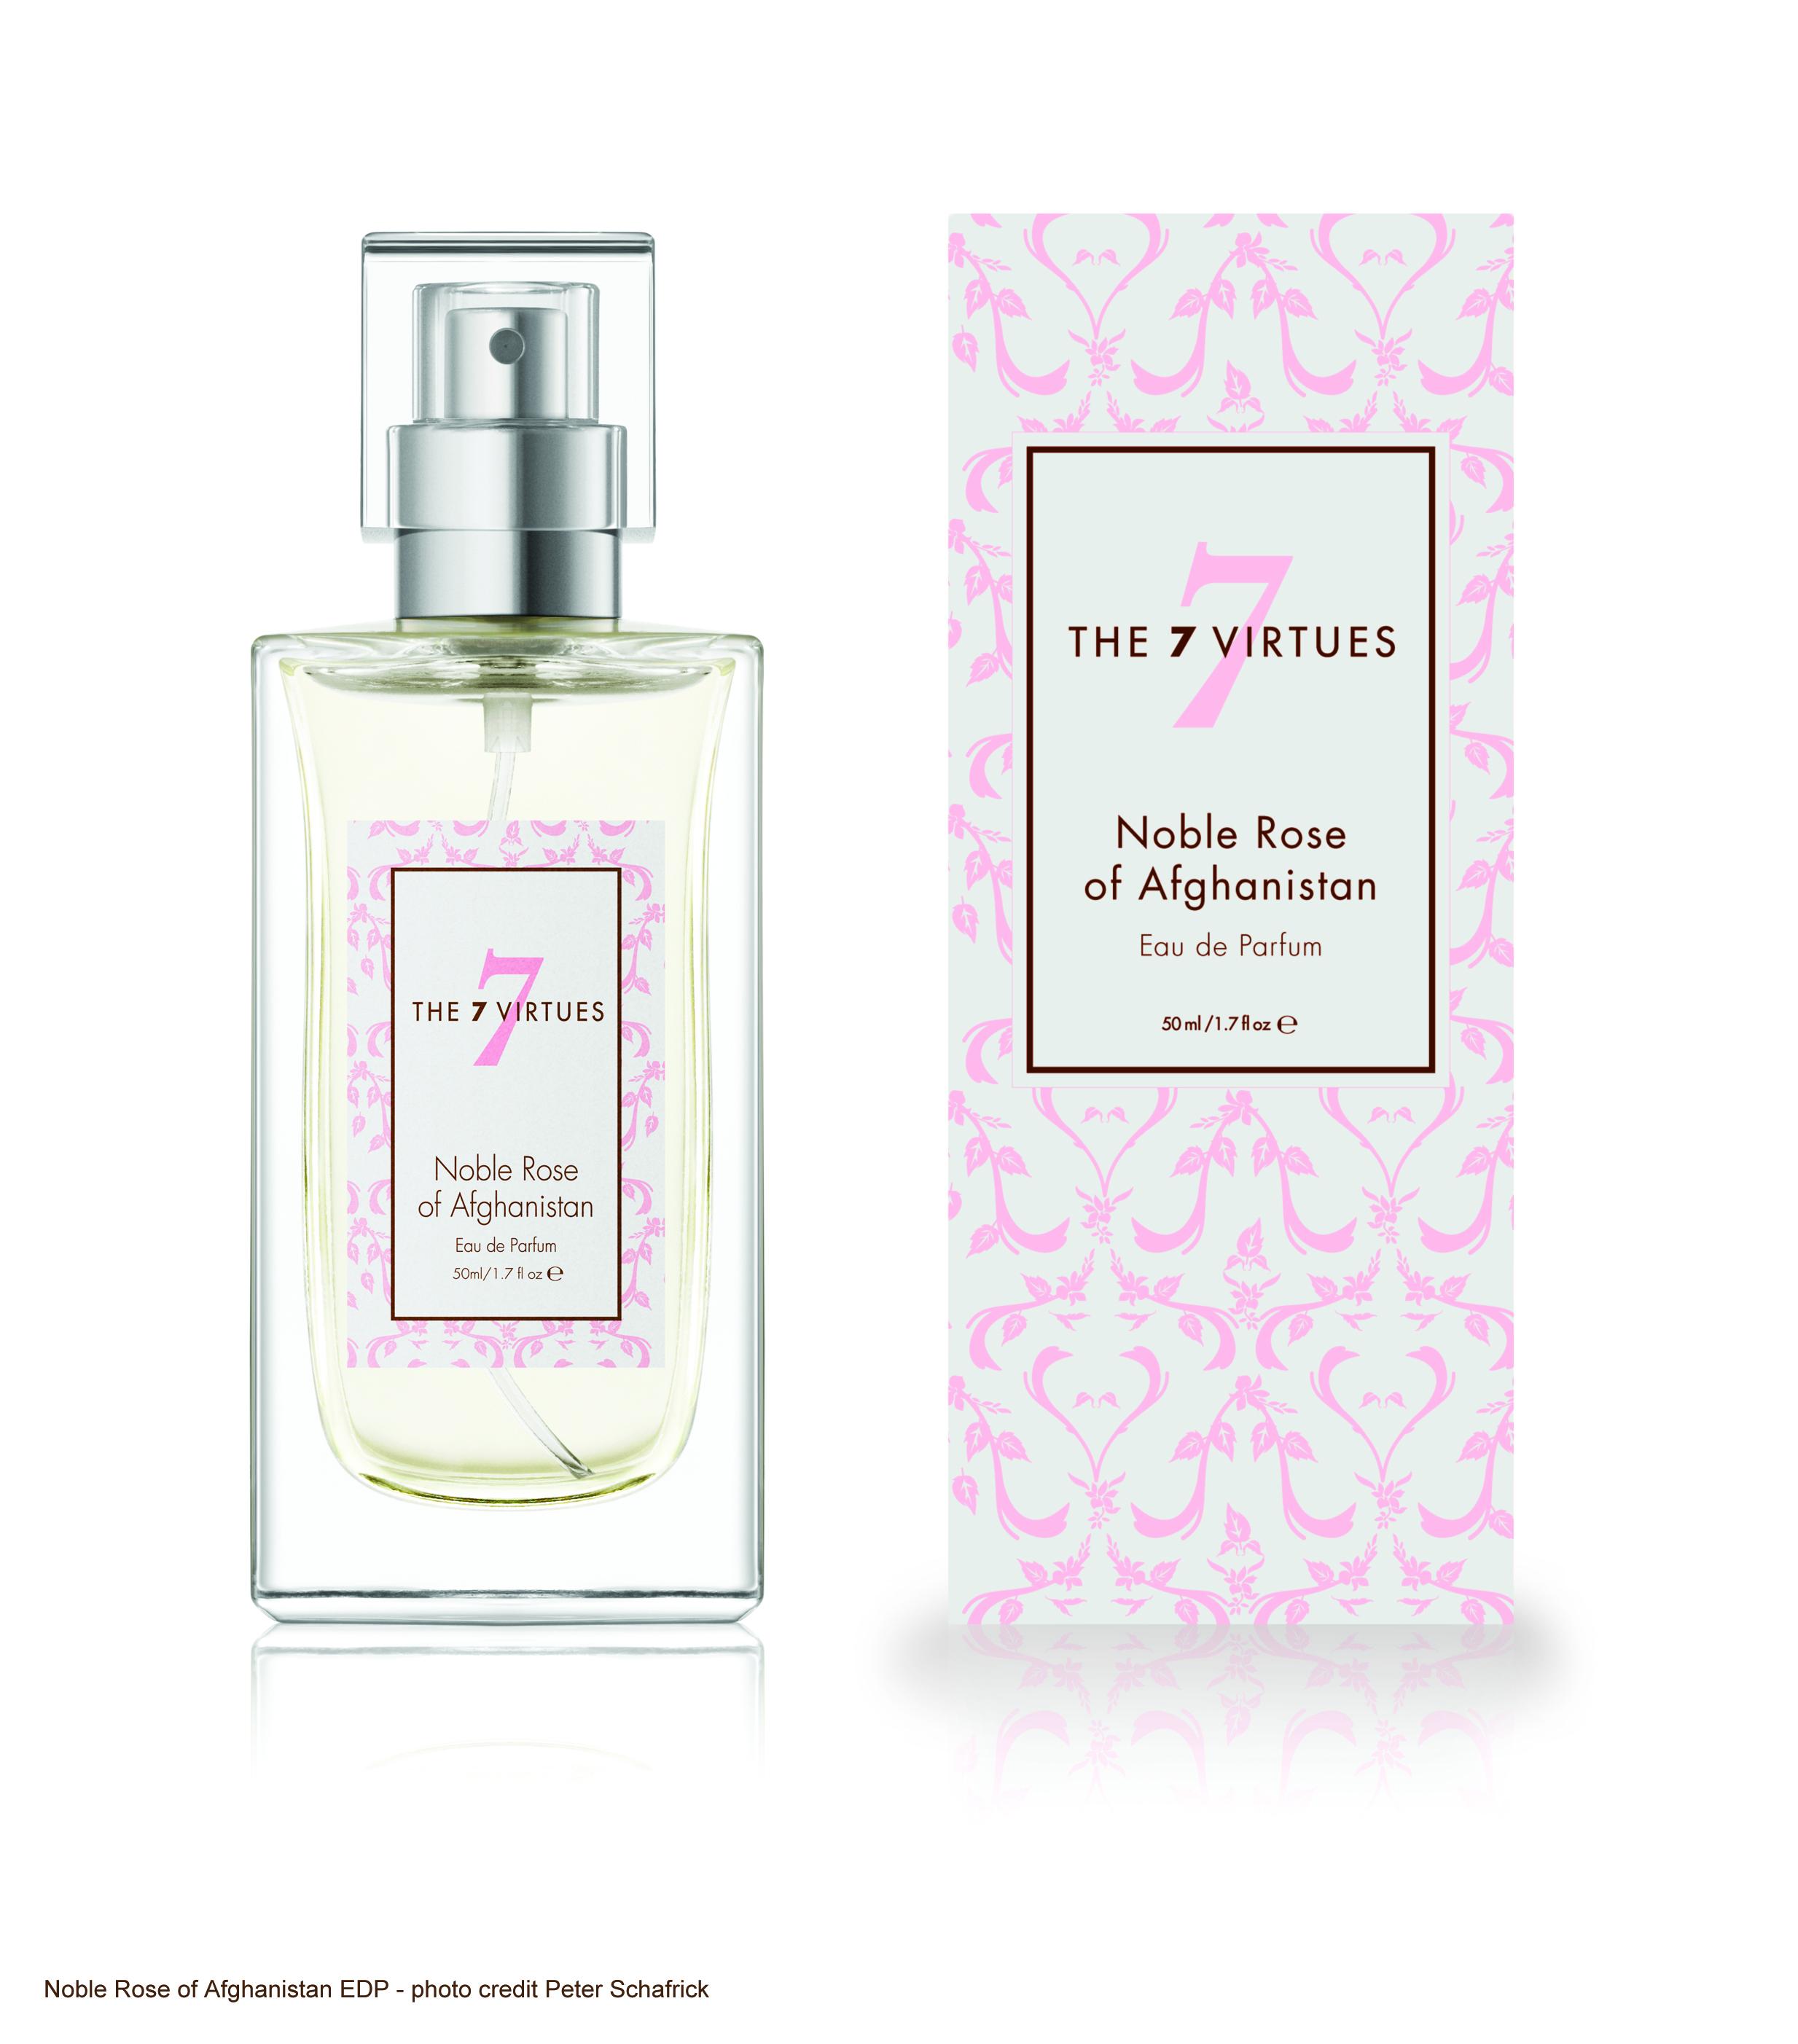 the word perfume Sin perfume, sin aroma, sin olor loc adj locución adjetiva: unidad léxica estable formada de dos o más palabras que funciona como adjetivo (de fácil manejo, a contraluz, de fiar) prefiero los desodorantes sin perfume.